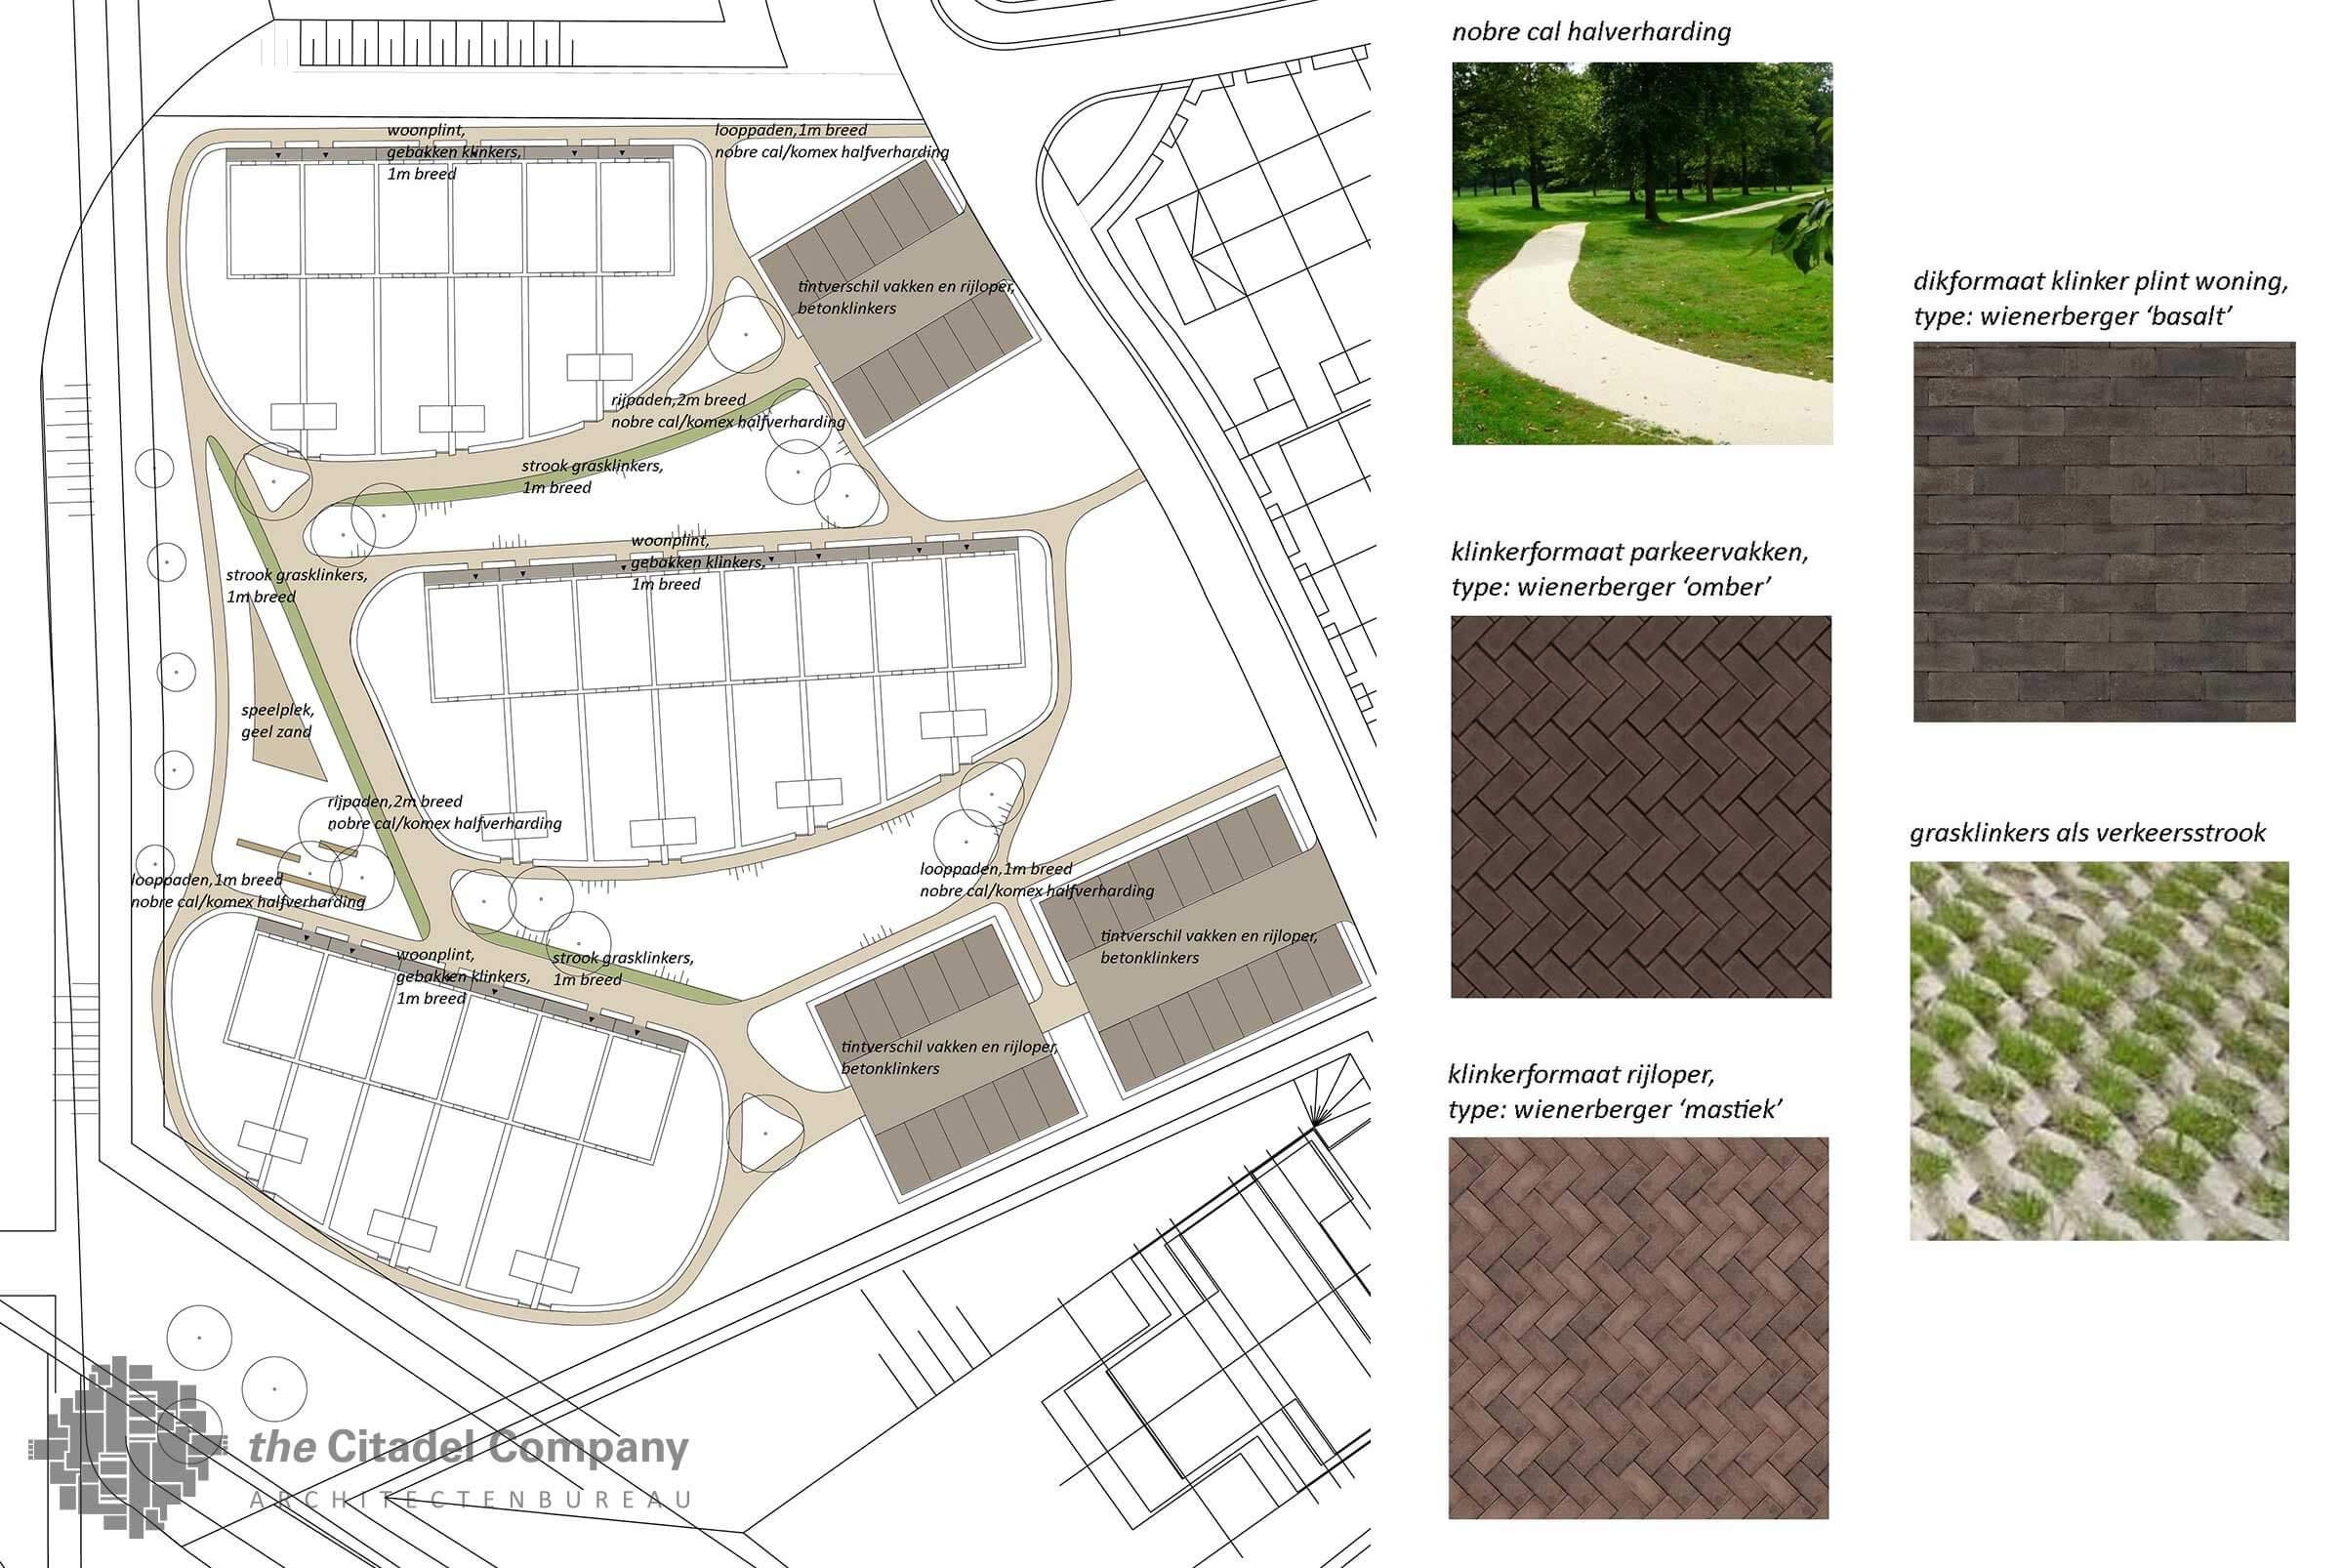 Stedenbouwkundig plan Vrij Werkeren Zwolle_Matriaalplan